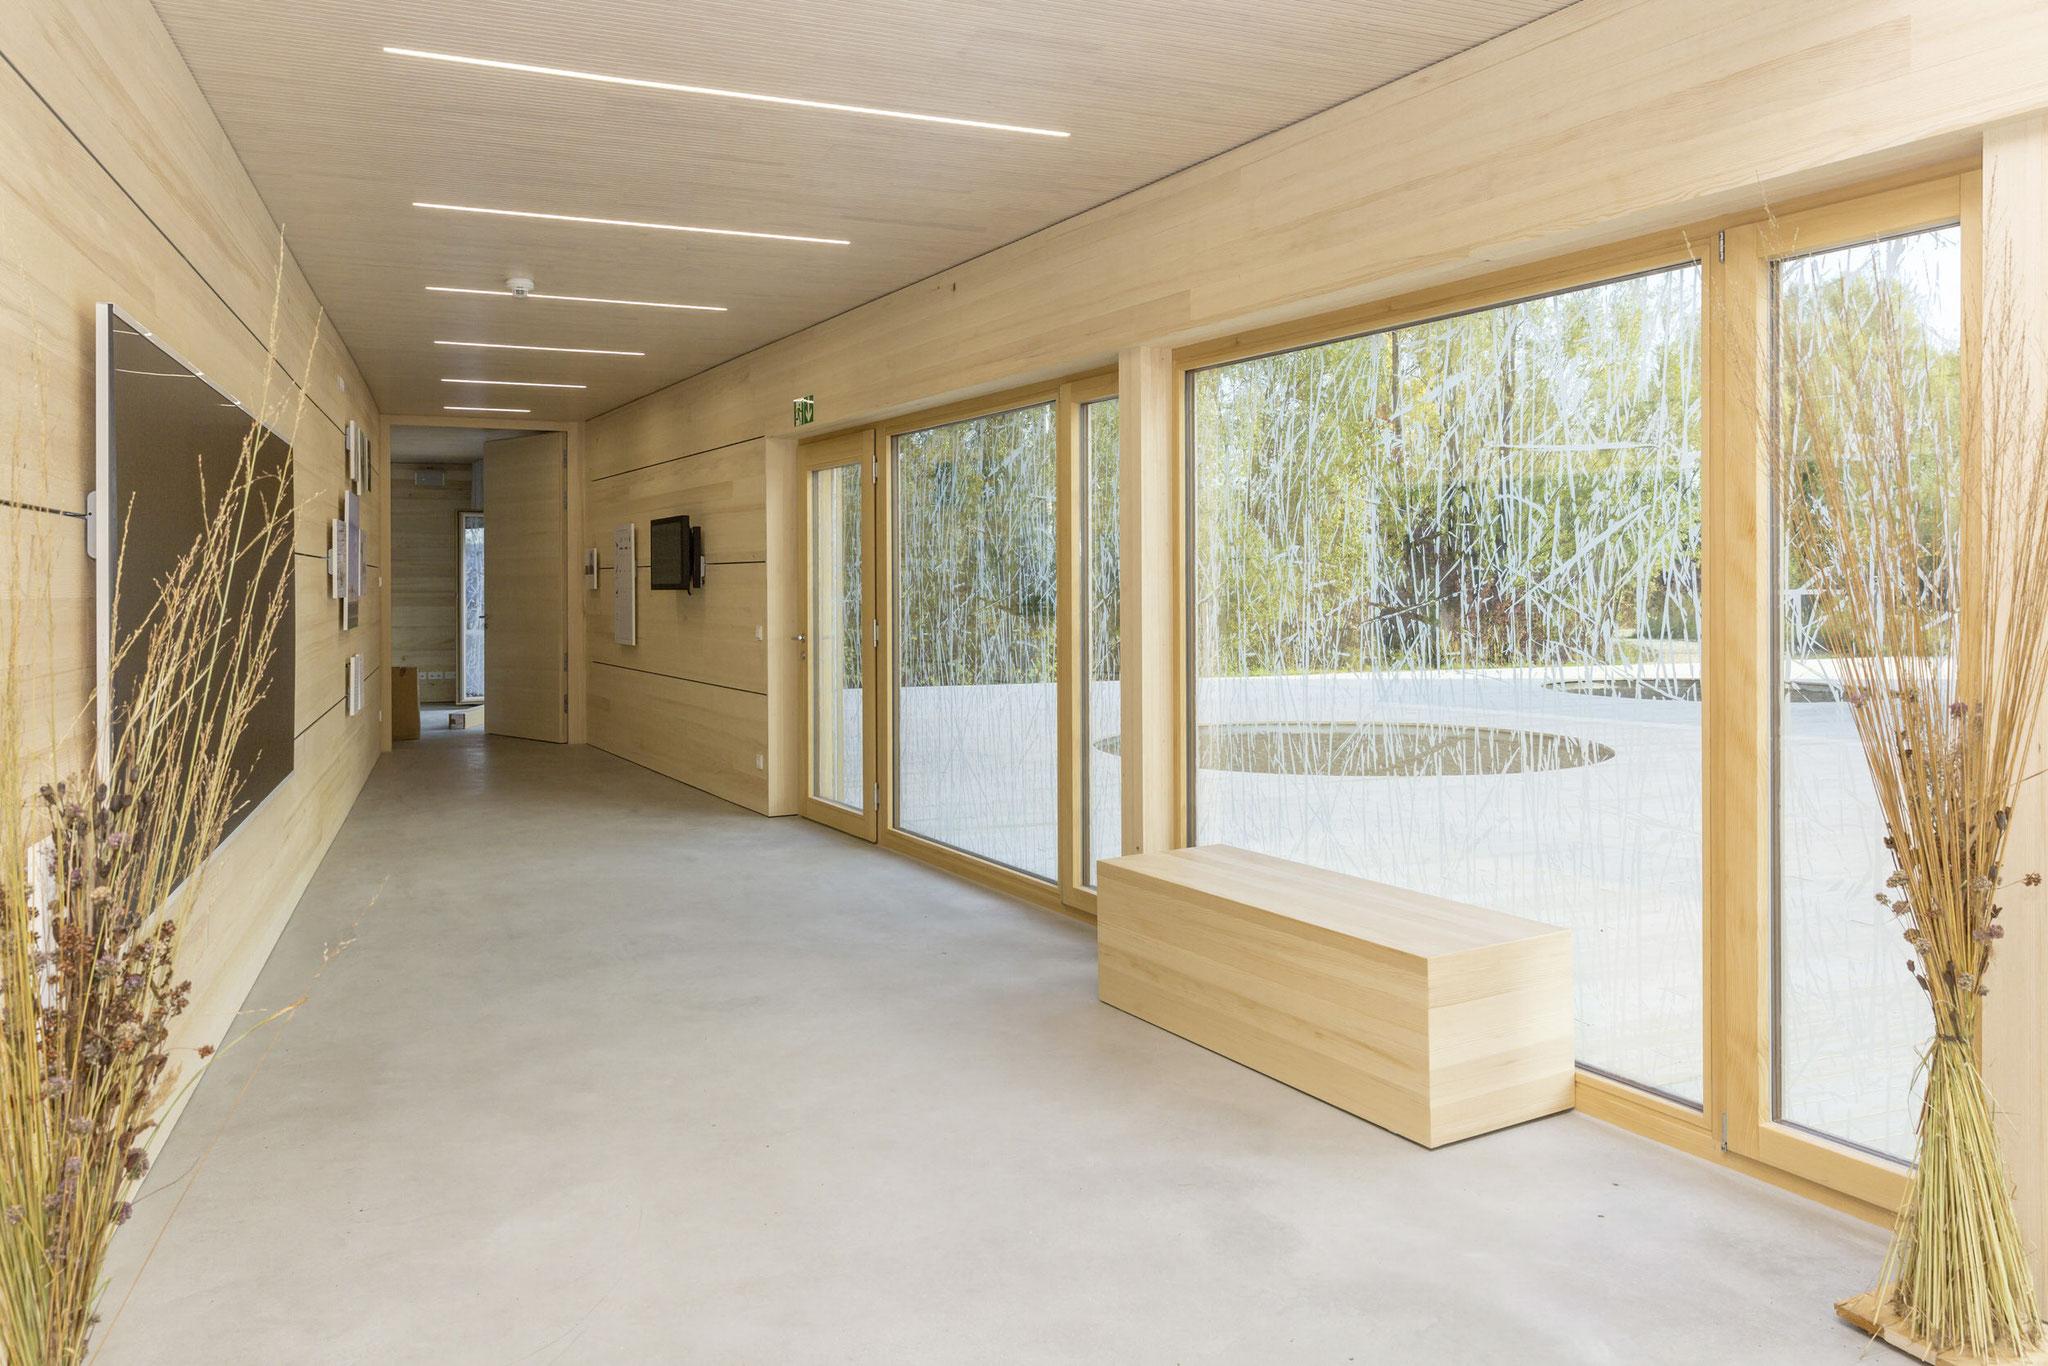 Impressionen der Ausstellung - Foto: Gutex/M. Granacher